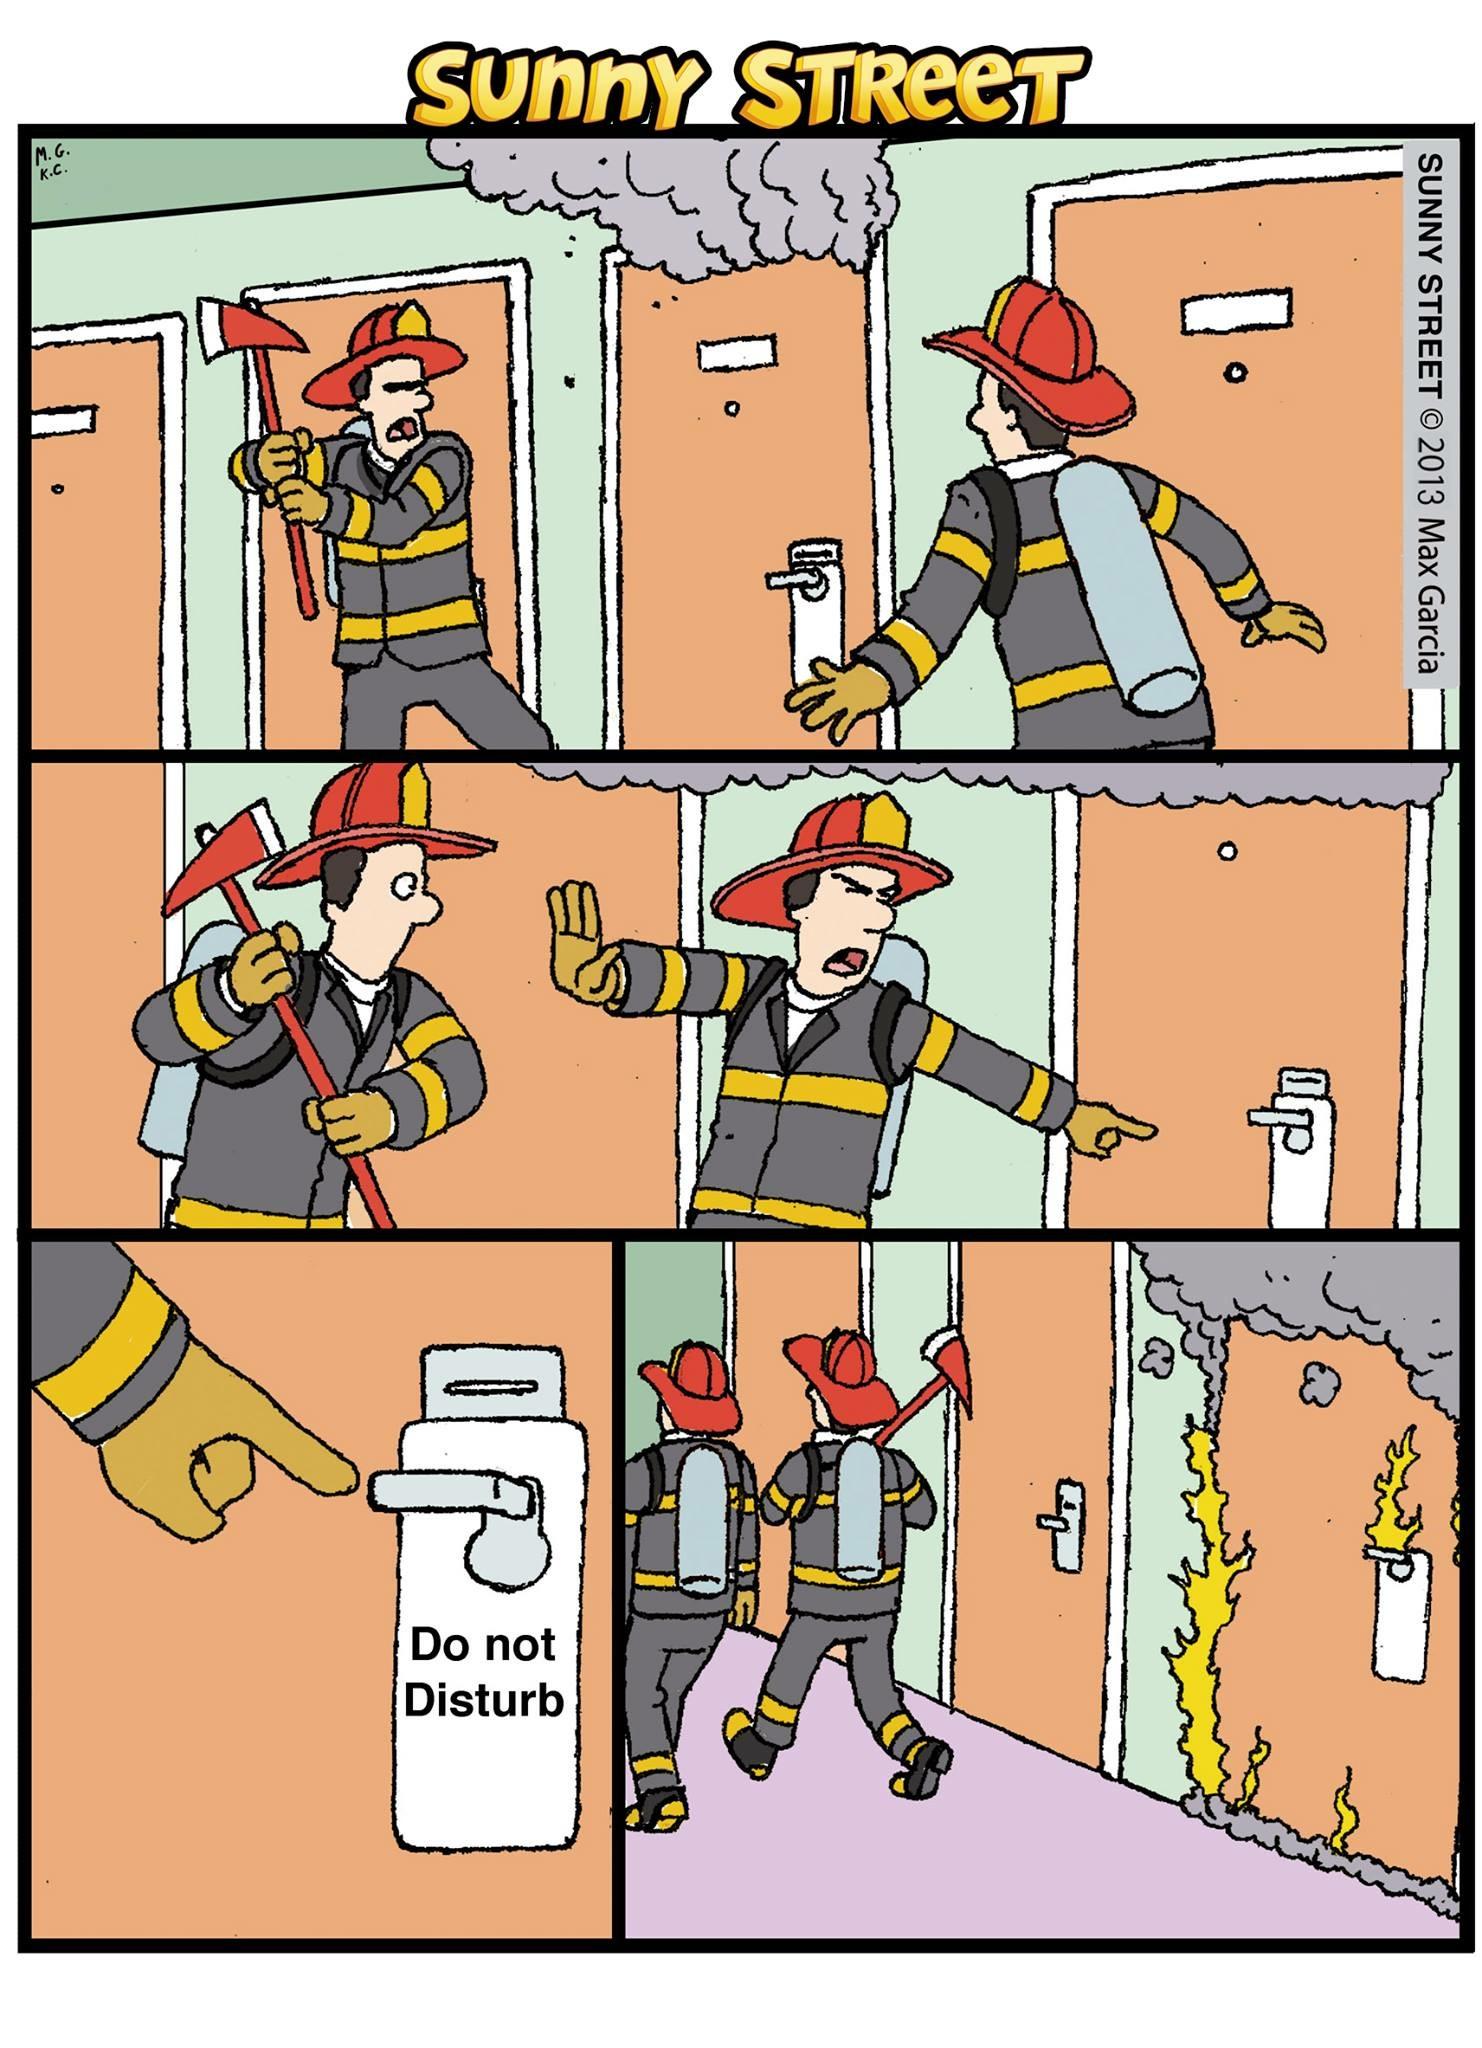 firefighters_vs_do_not_disturb_avopVr5.jpg